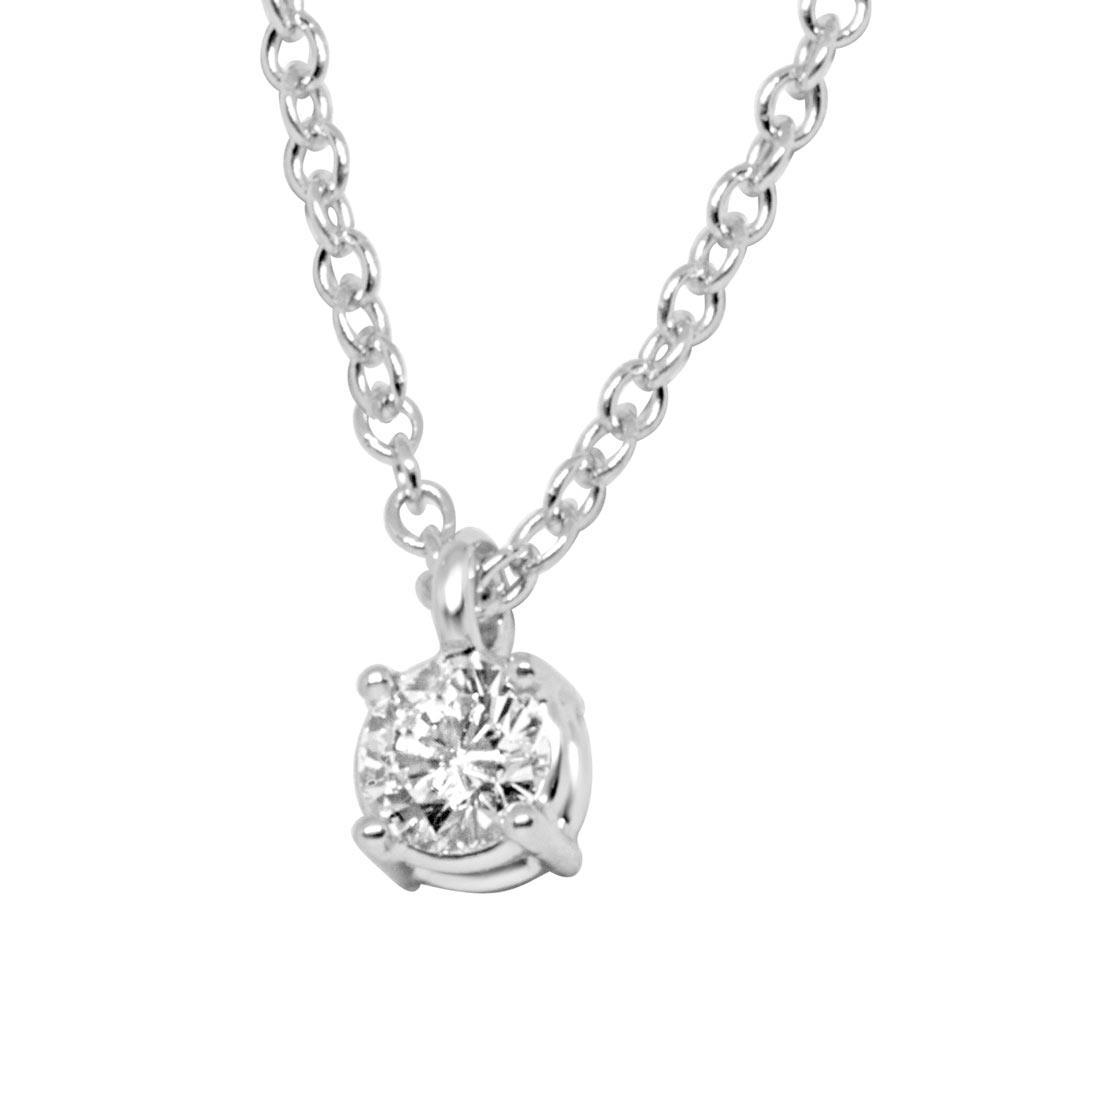 Collier in oro bianco con diamante 0.27 ct - ALFIERI ST JOHN